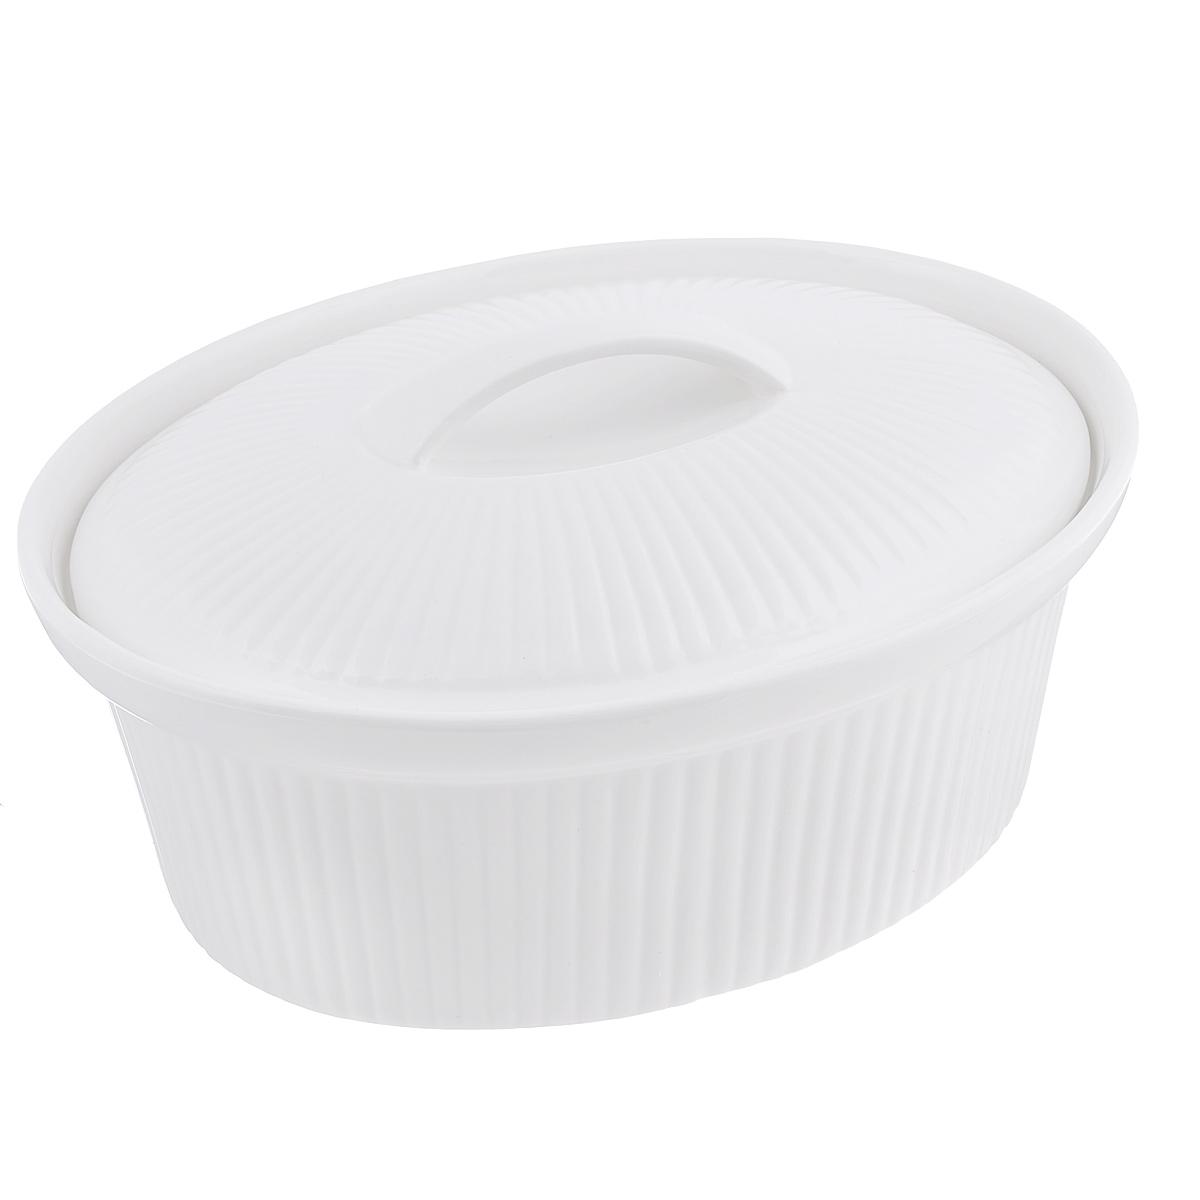 Кастрюля BergHOFF Bianco с крышкой, цвет: белый, 2 л1691152Овальная кастрюля BergHOFF Bianco изготовлена из высококачественной глазурованной керамики. Идеально подходит для запекания овощей, рыбы и мяса. Такая кастрюля легко чистится и устойчива к царапинам и пятнам. Благодаря керамическому дну, мягко проводит тепло для равномерного запекания и зажаривания. Изделие можно использовать в духовке и СВЧ-печи. Можно мыть в посудомоечной машине. Высота стенки: 10,5 см. Толщина стенки: 0,5 см. Толщина дна: 0,6 см. Размер кастрюли (по верхнему краю): 26 см х 20 см.